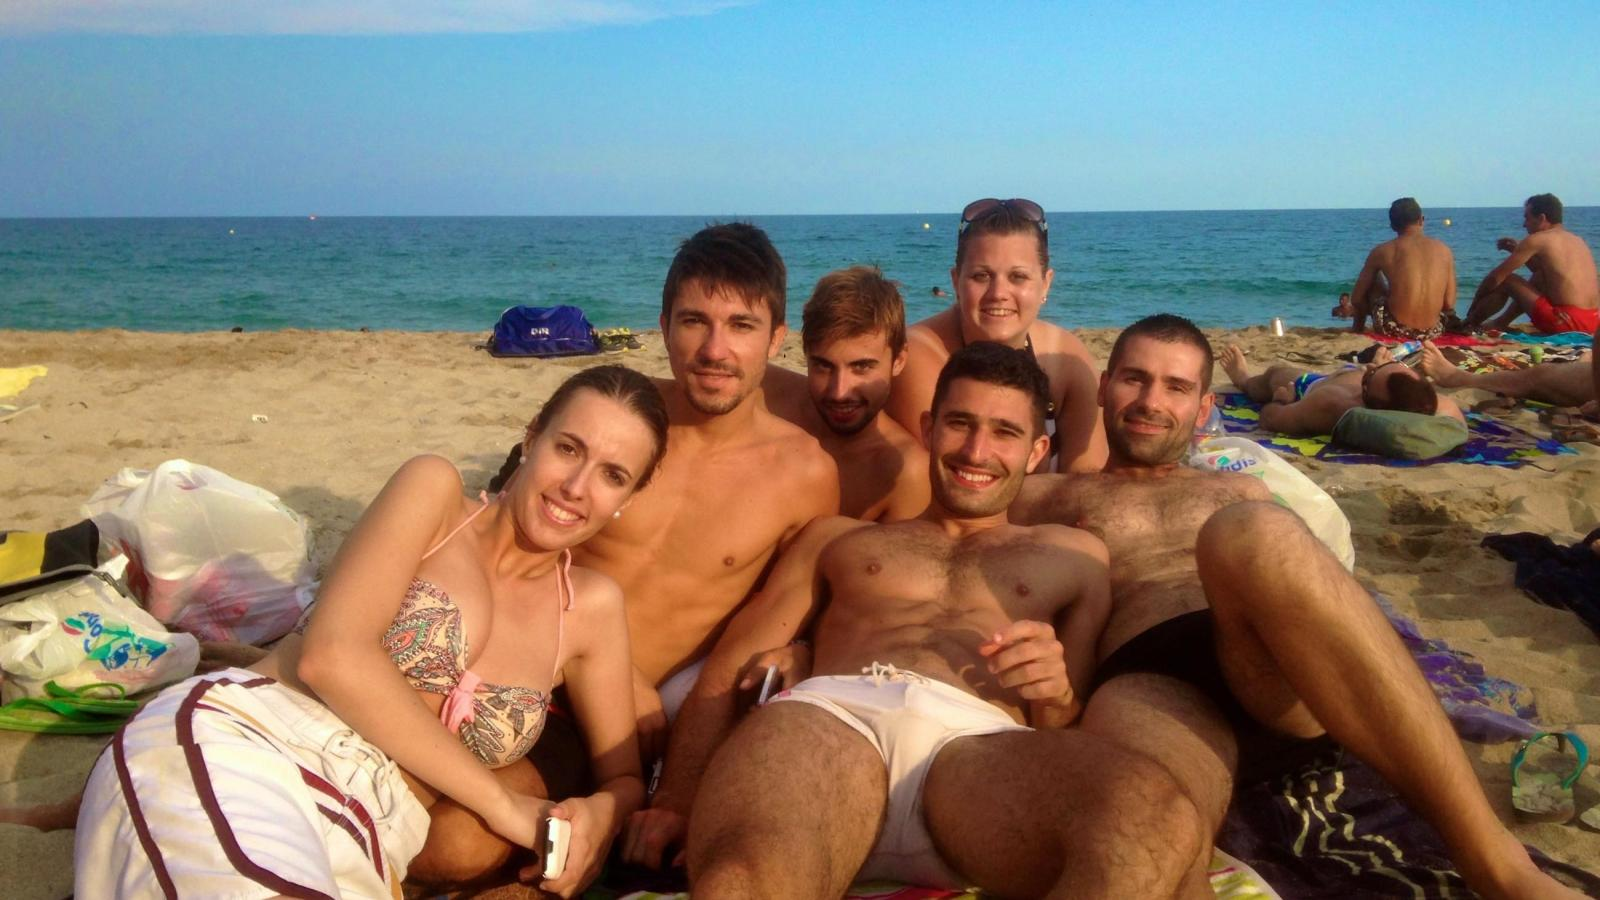 gay cities in Spain Es Cavallet gay beach Ibiza